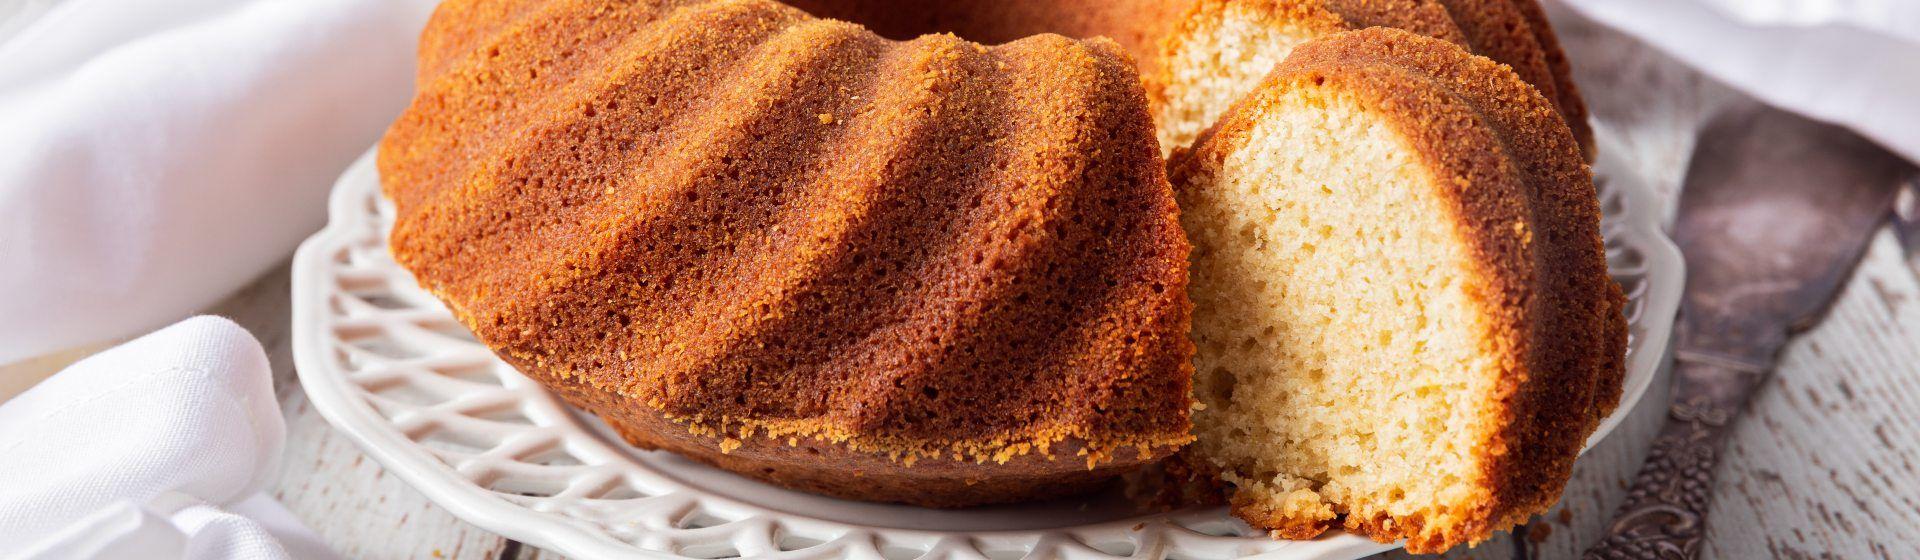 Como fazer bolo na airfryer?